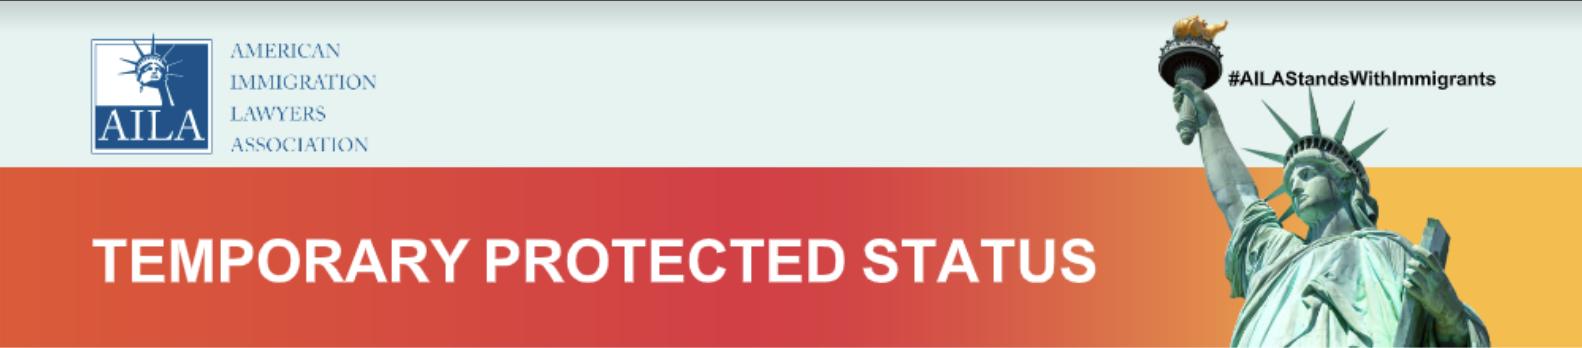 AILA Temporary Protected Status Heading